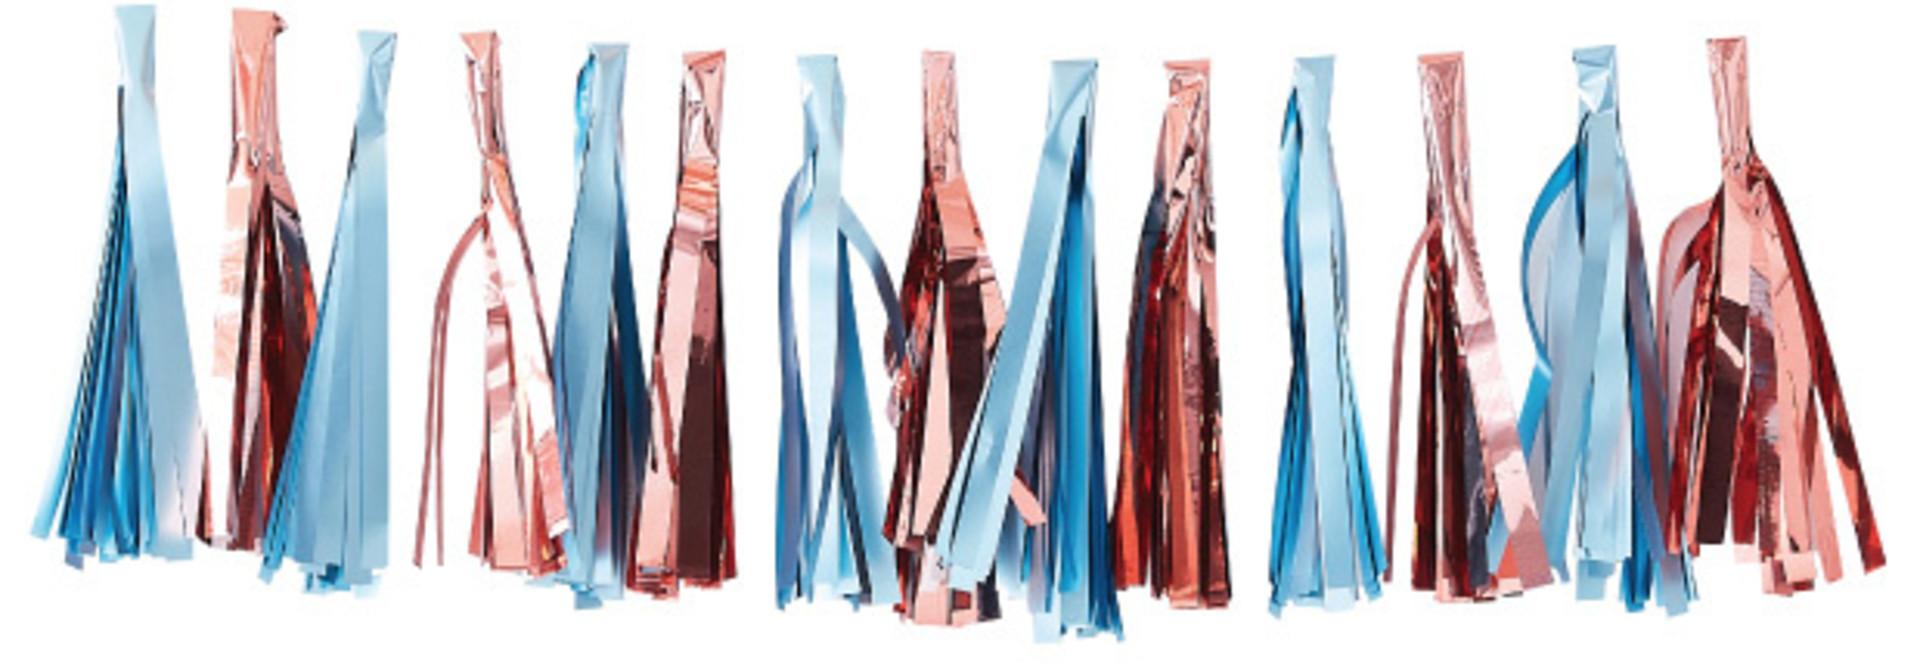 Tasselslinger lichtblauw roségoud Twinkle Twinkle - Ginger Ray